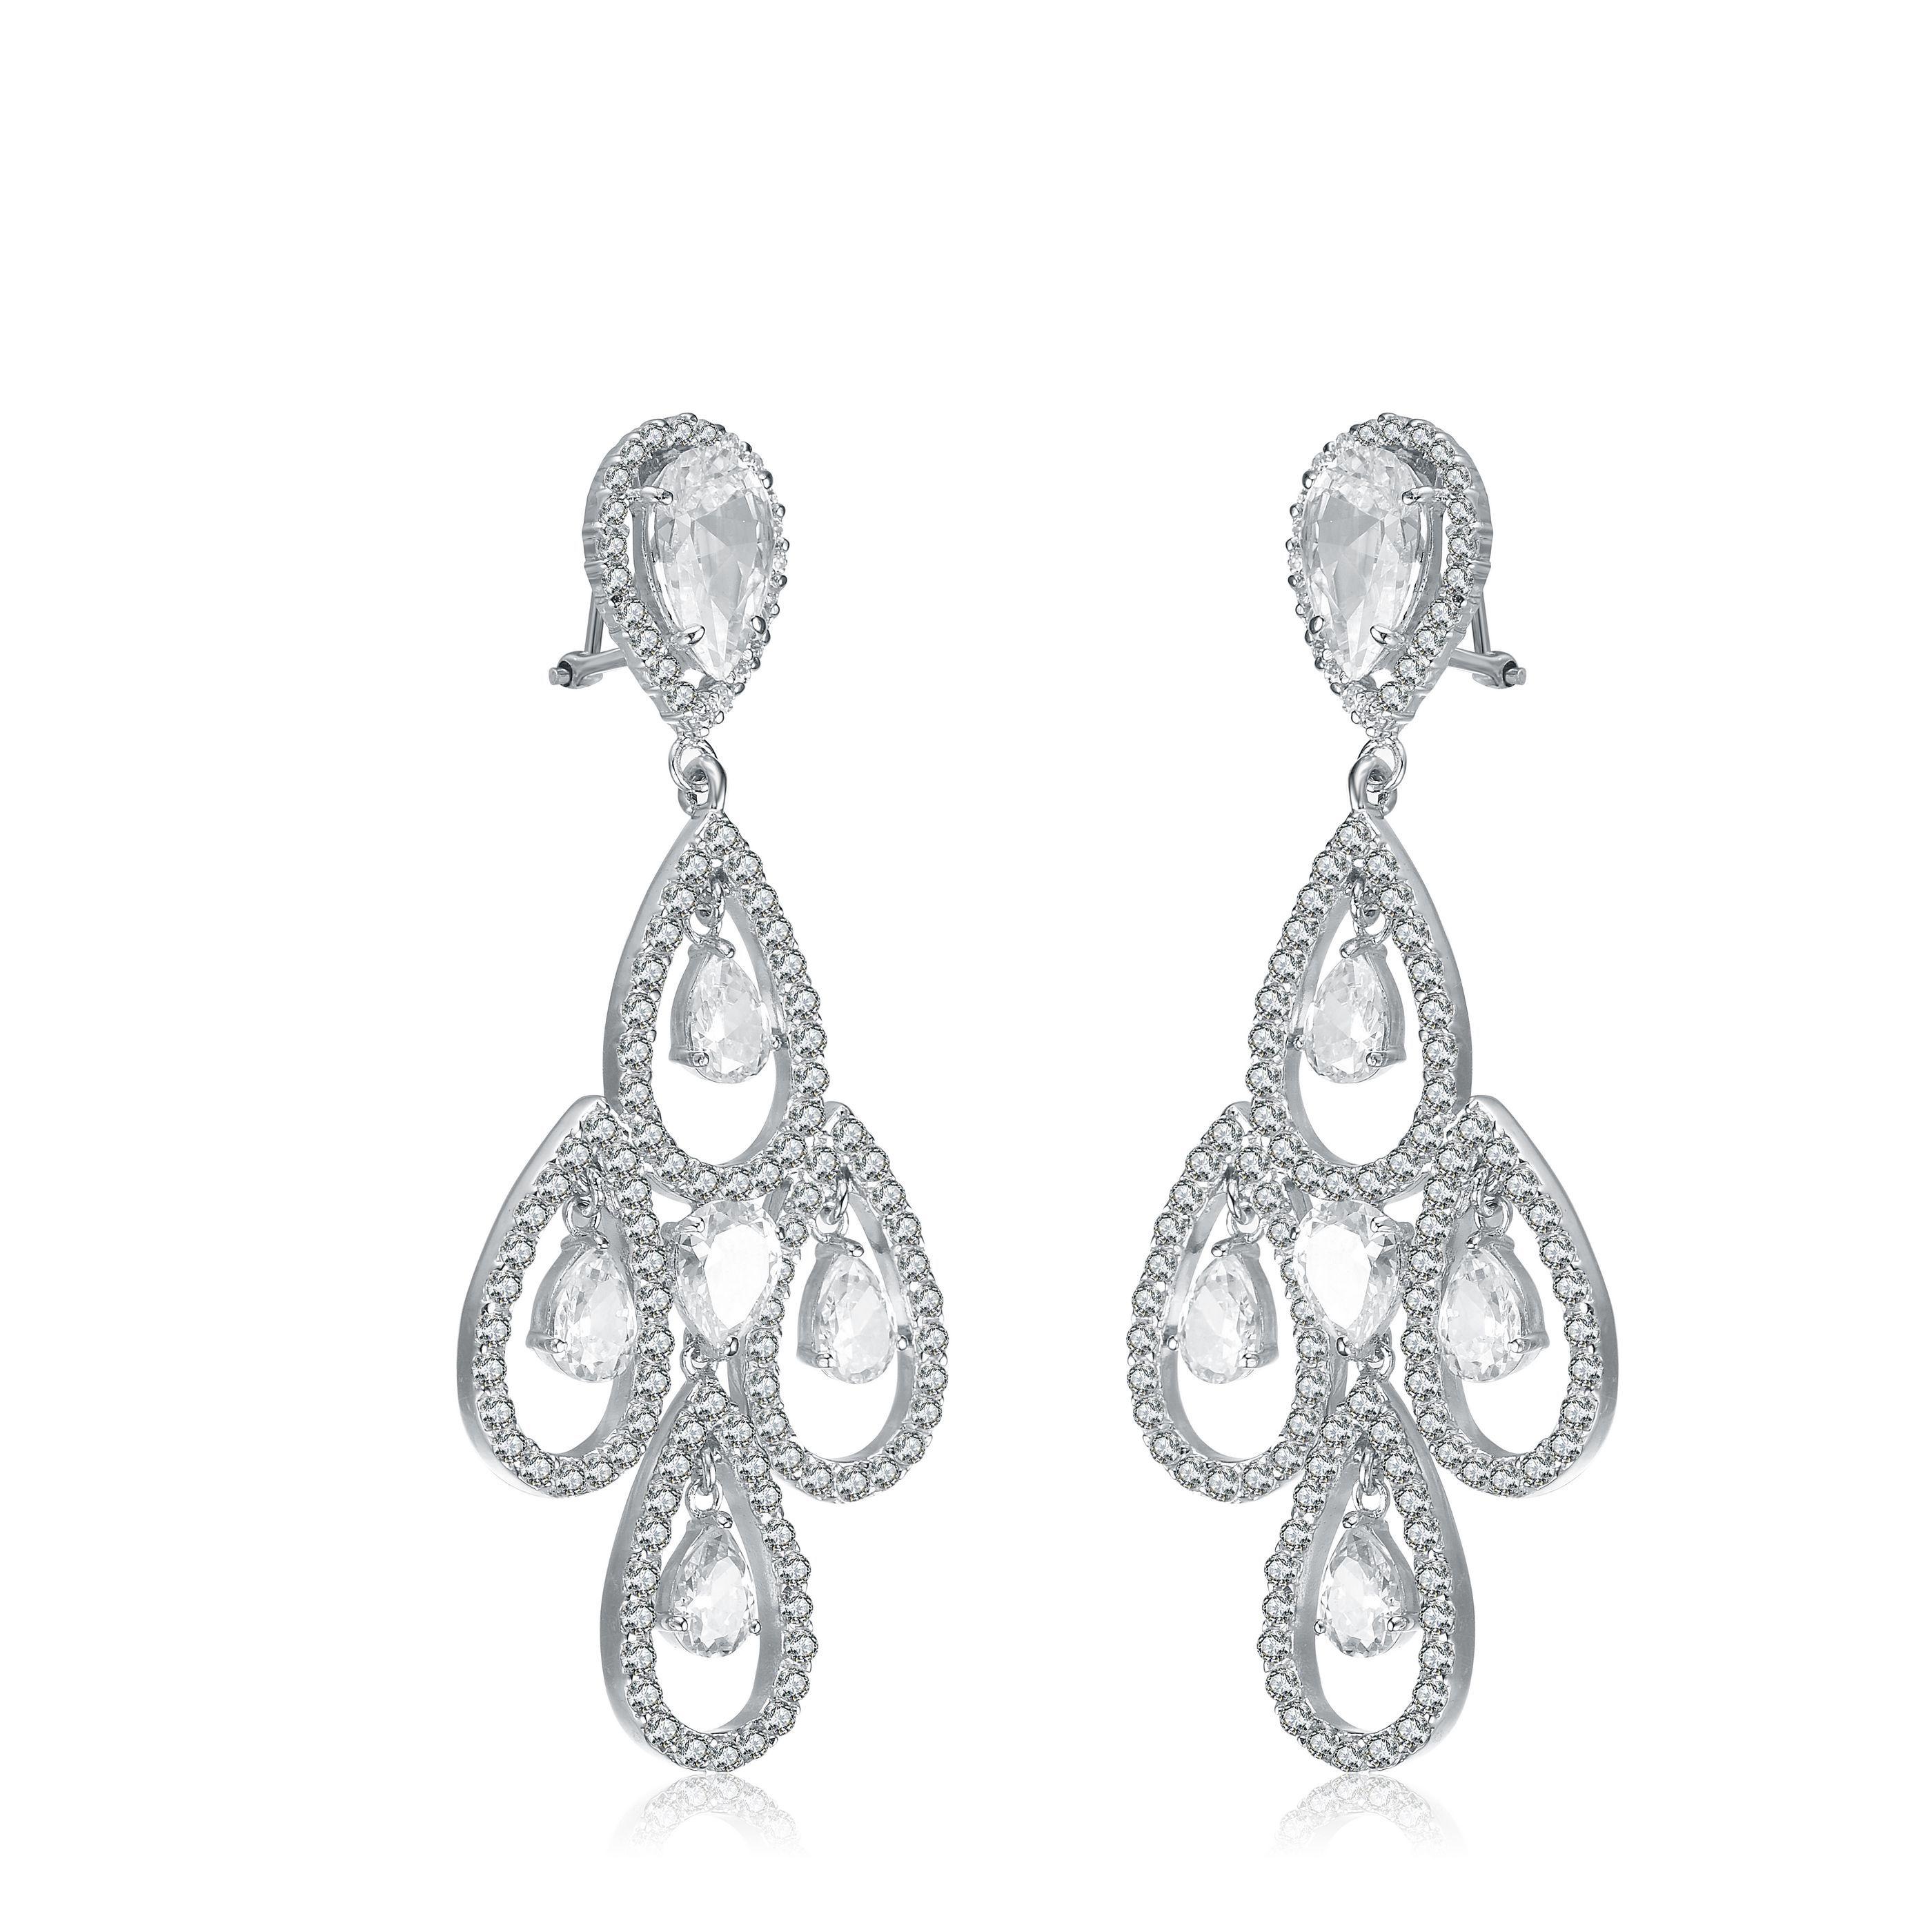 Collette Z C Sterling Silver Rhodium Plated Teardrop Chandelier Earrings Cz Women S Size Large White